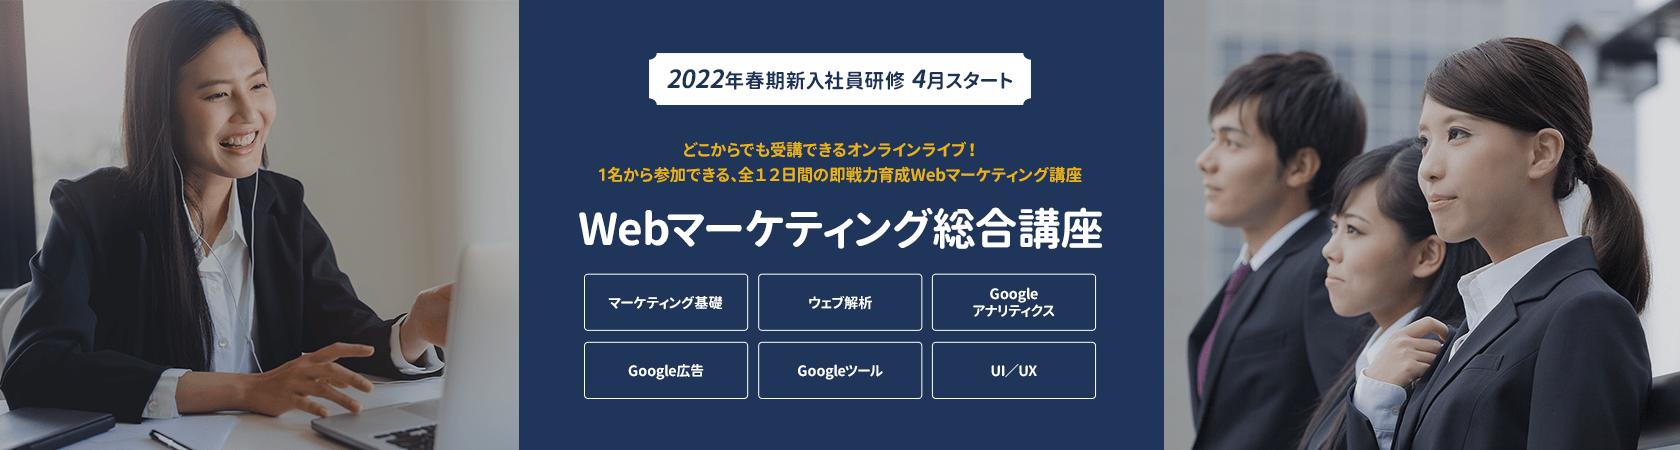 2021年度Webマーケティング新入社員研修